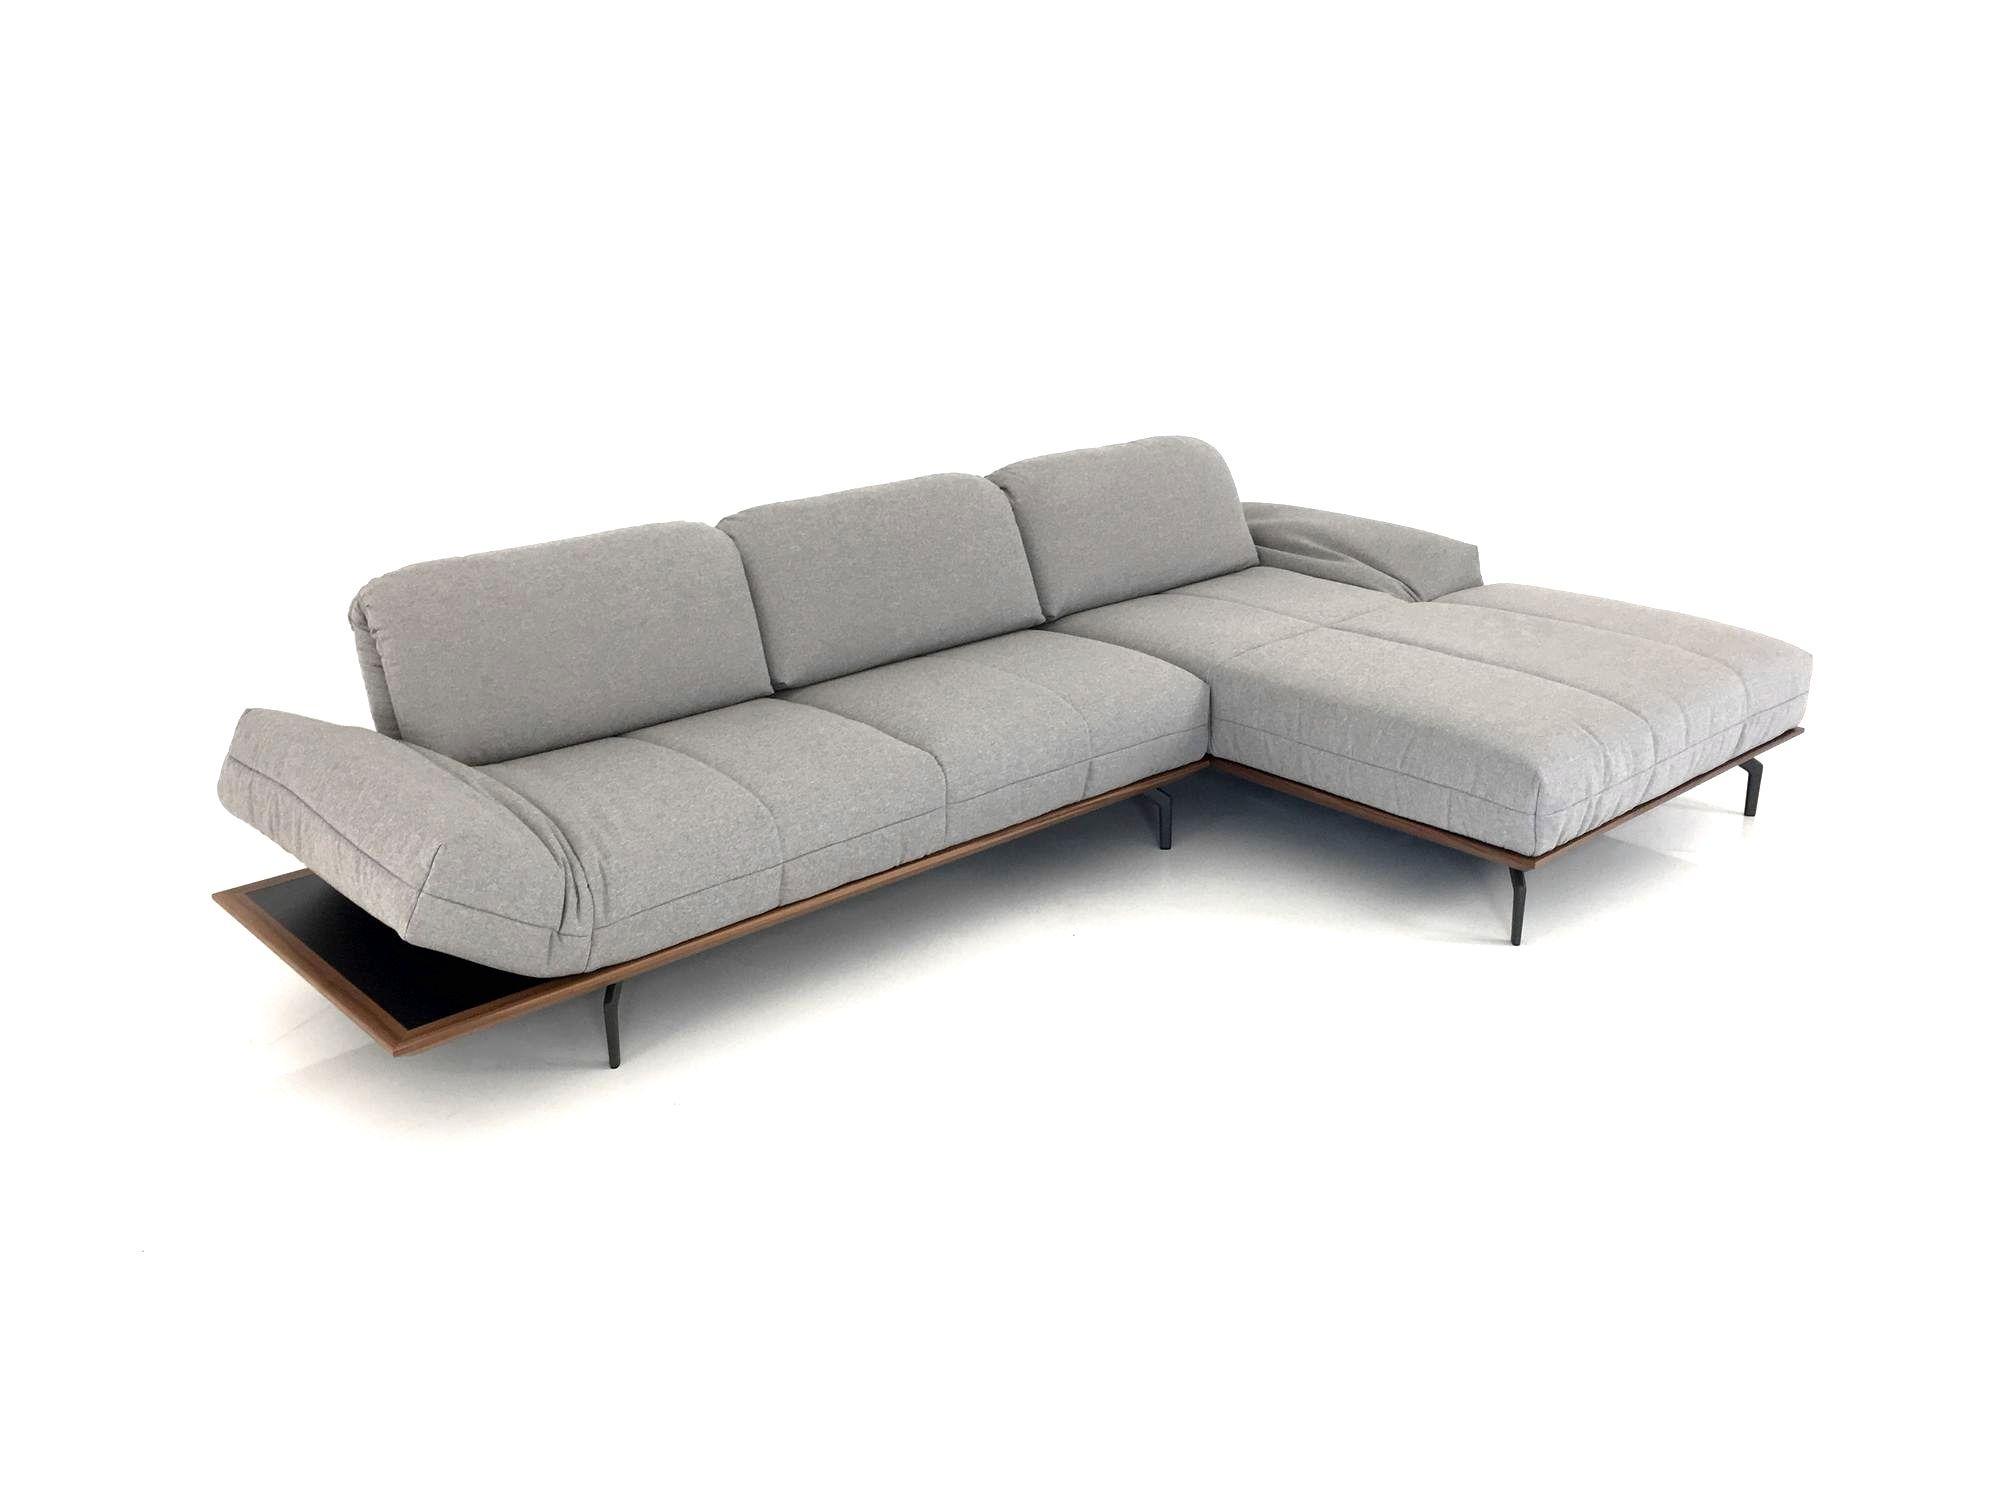 Full Size of 3er Sofa Grau Stoff Ikea Kaufen Grober Chesterfield Couch Reinigen Meliert Big Gebraucht Hlsta 420 Mit Recamiere Teppich Und Wohngalerie Home Affaire 2 5 Sofa Sofa Grau Stoff